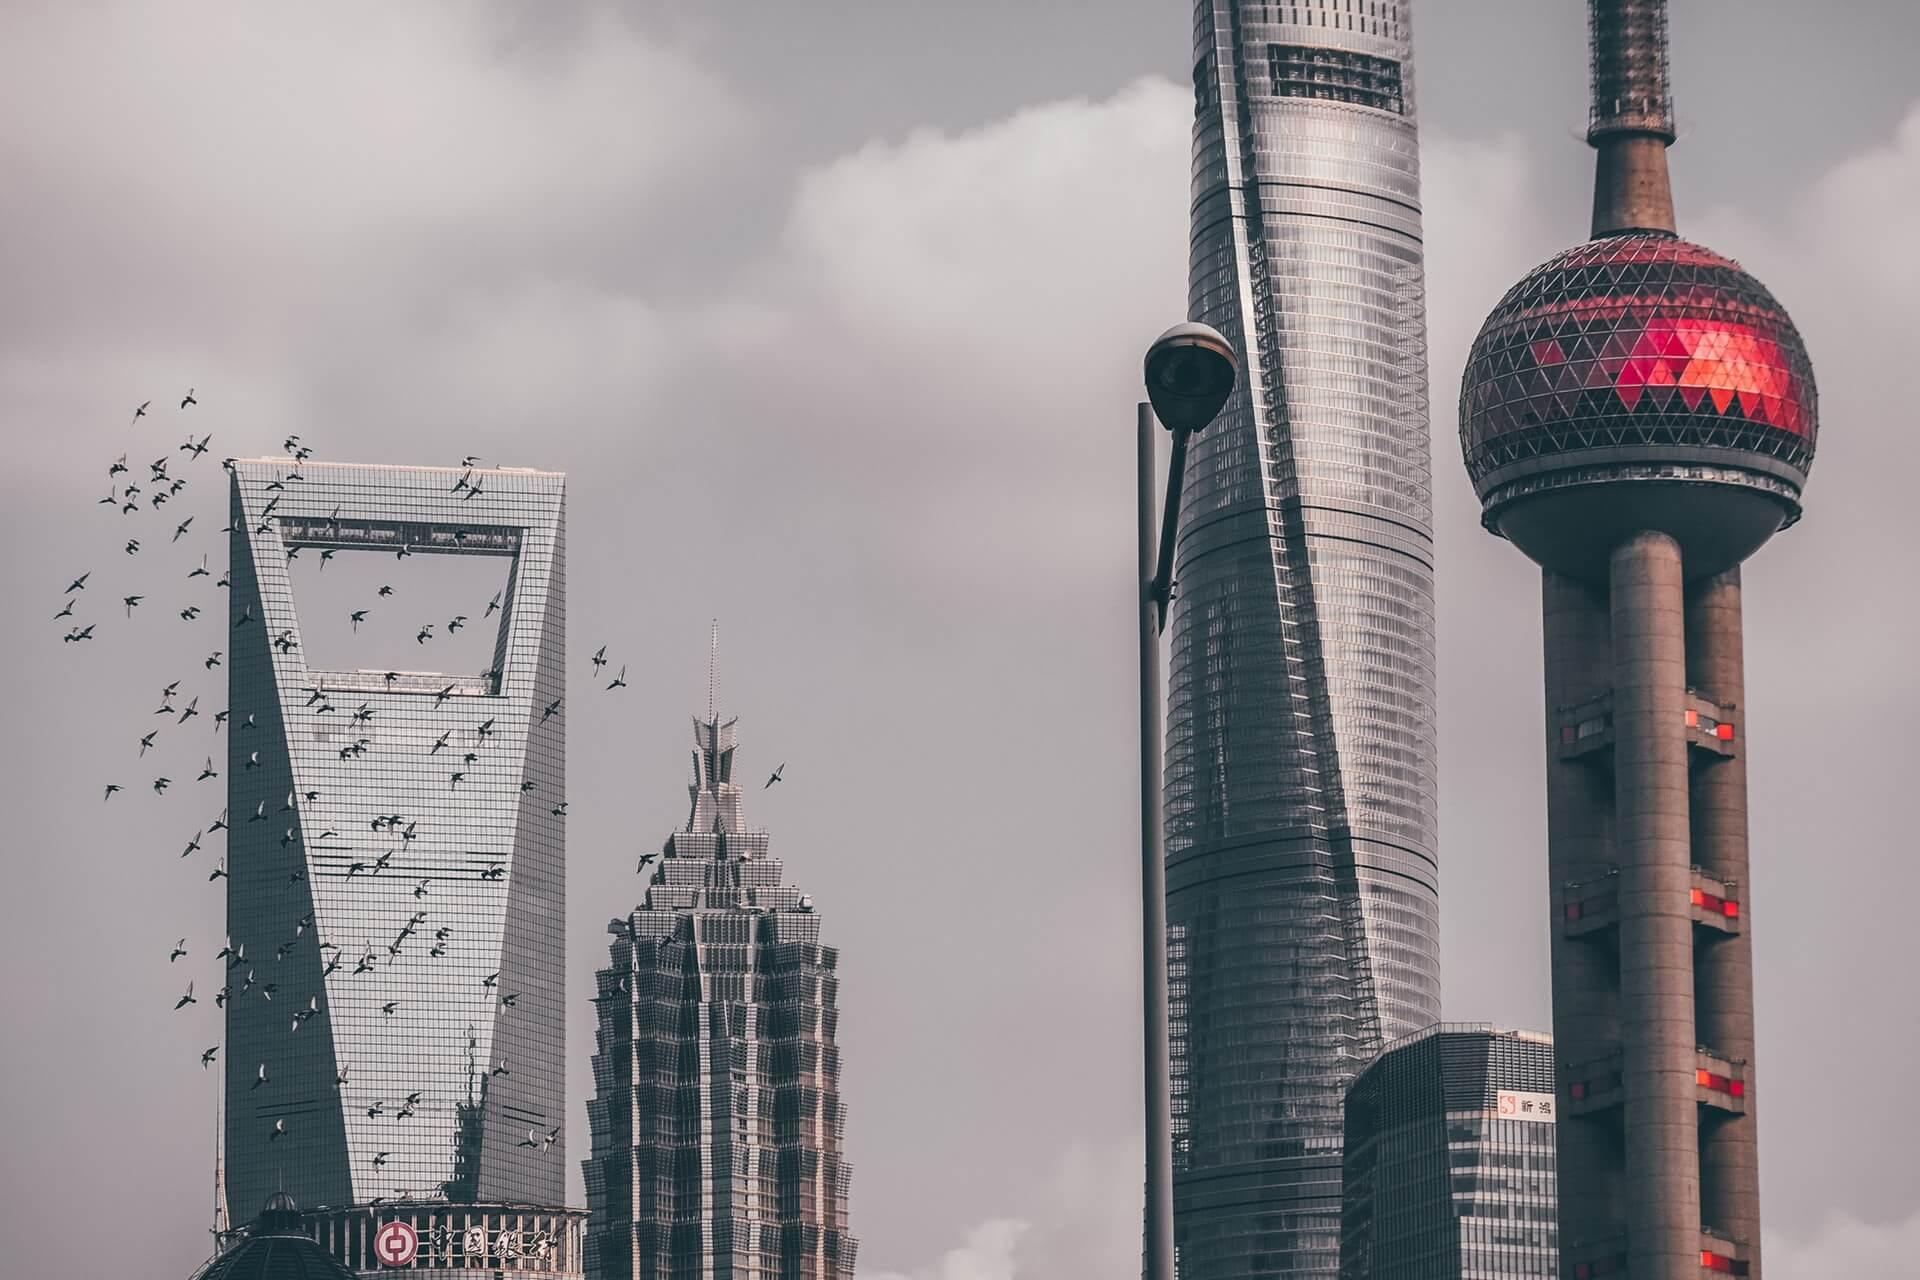 約8割の企業が中国からの生産移管を計画(スイス金融機関UBS調査より)